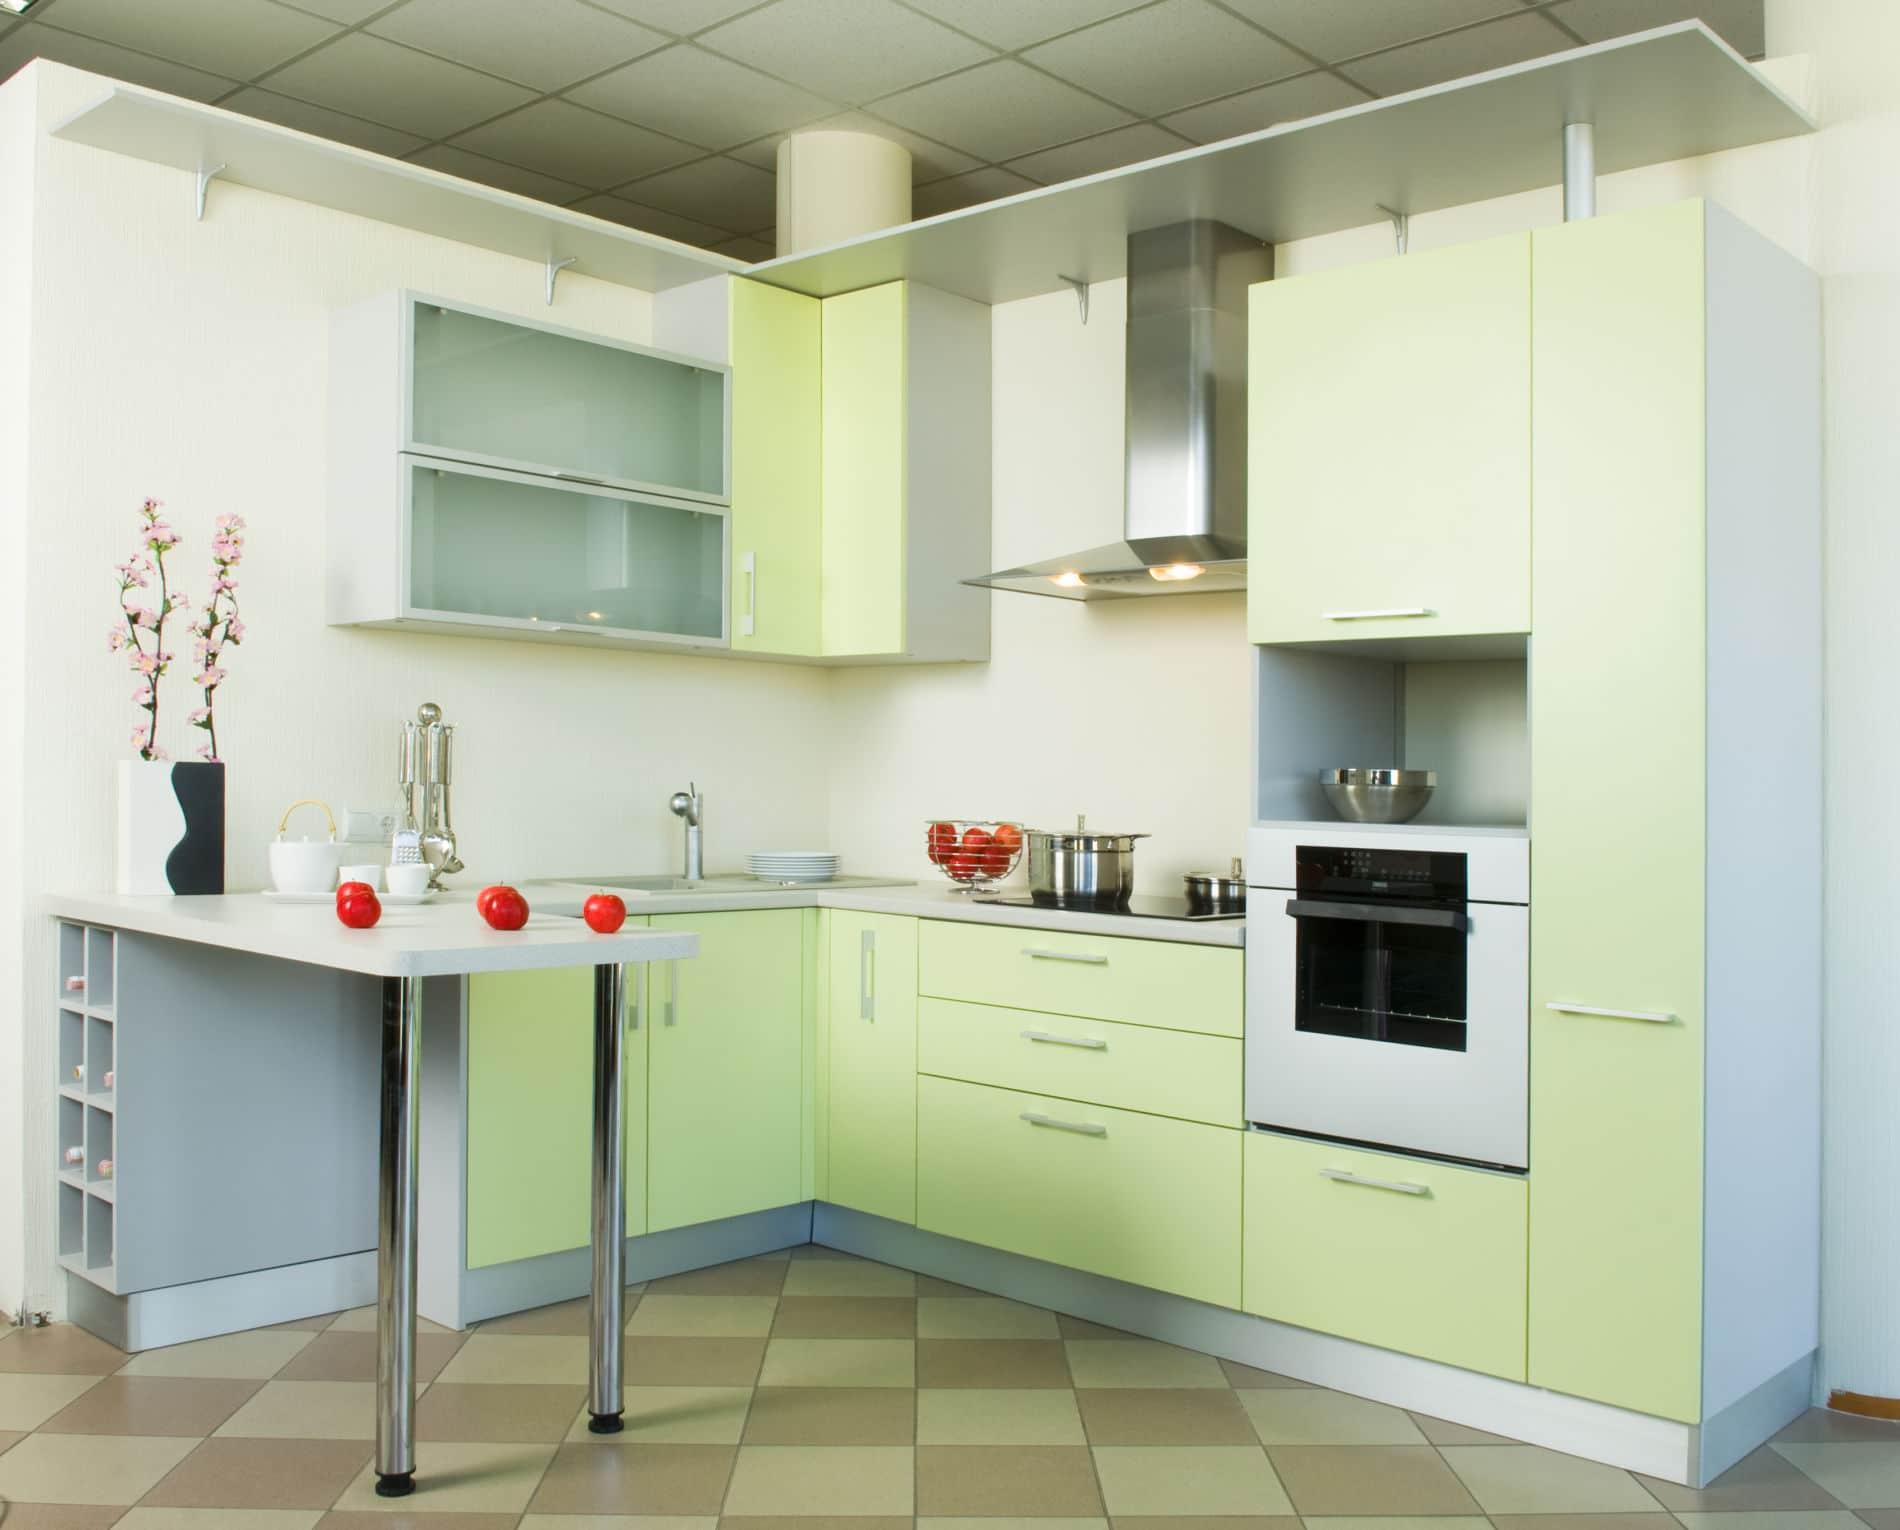 גרין קיטשן מטבח קלאסי בצבע ירוק